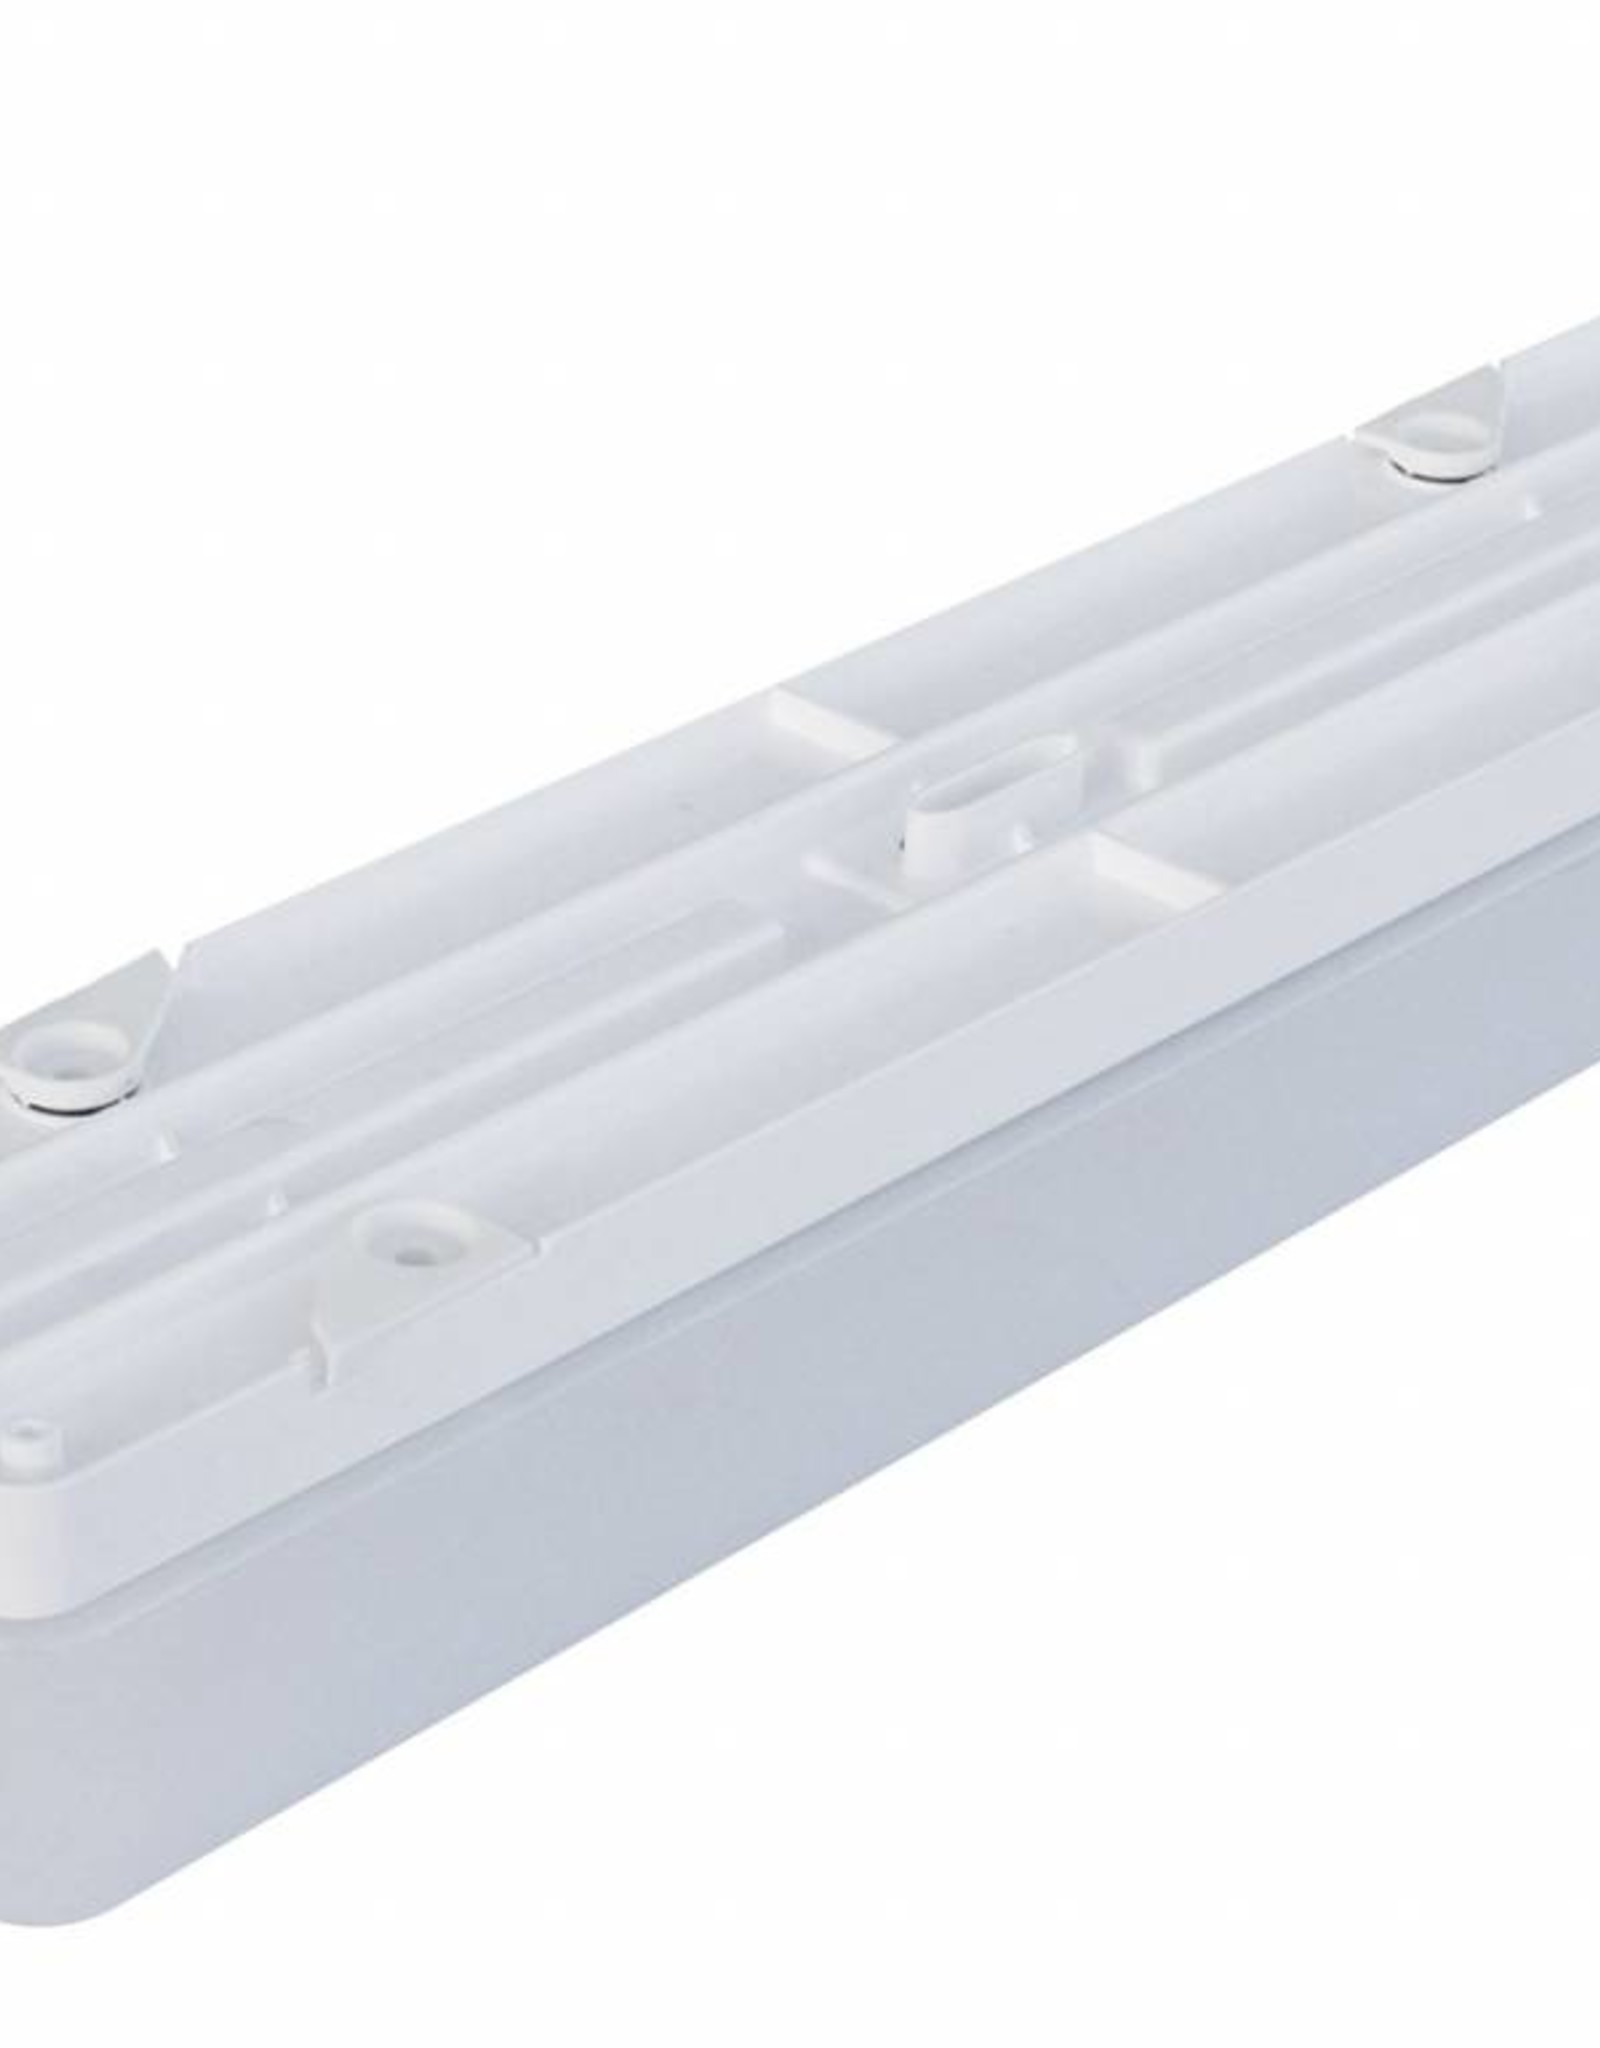 Linea 2.4ft 5200/840 M1h